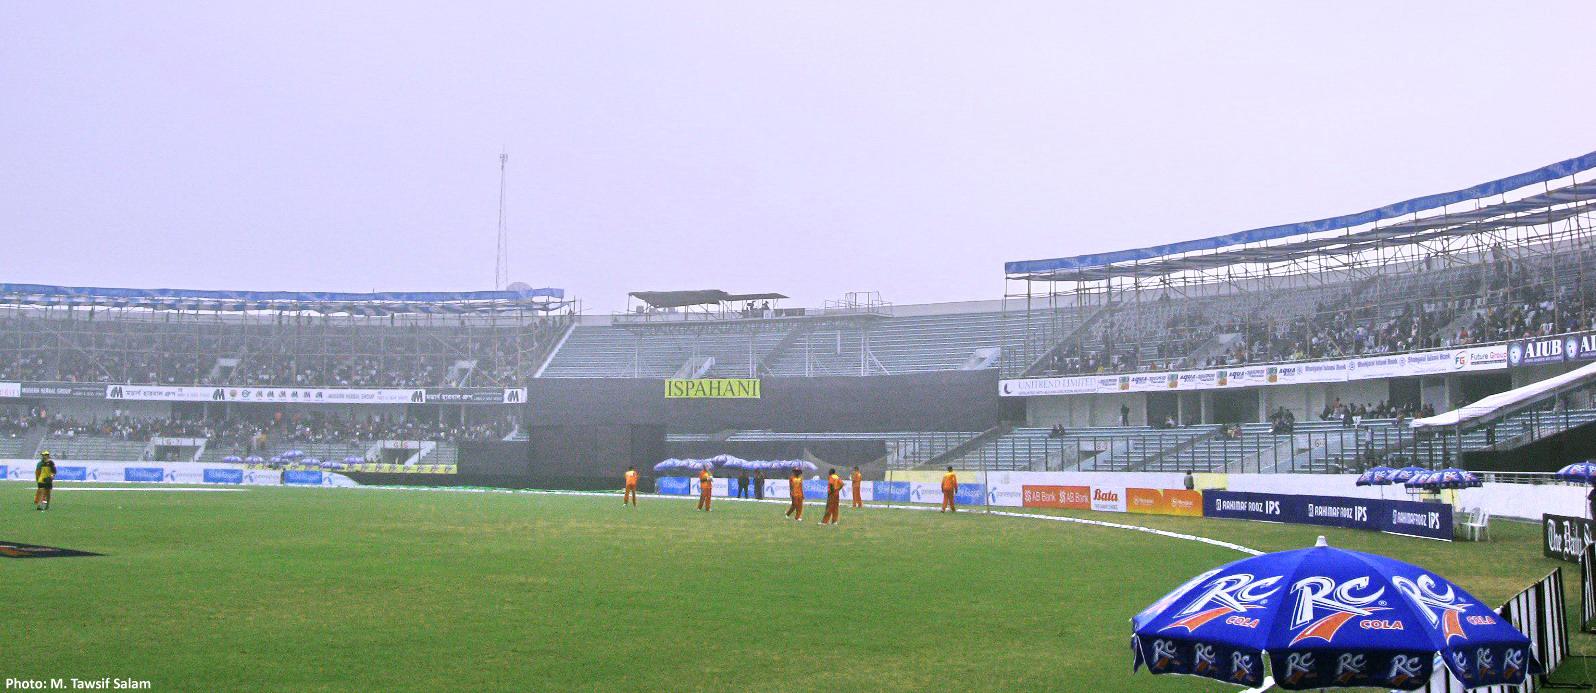 Description Ispahani End, Sher-e-Bangla Cricket Stadium.jpg